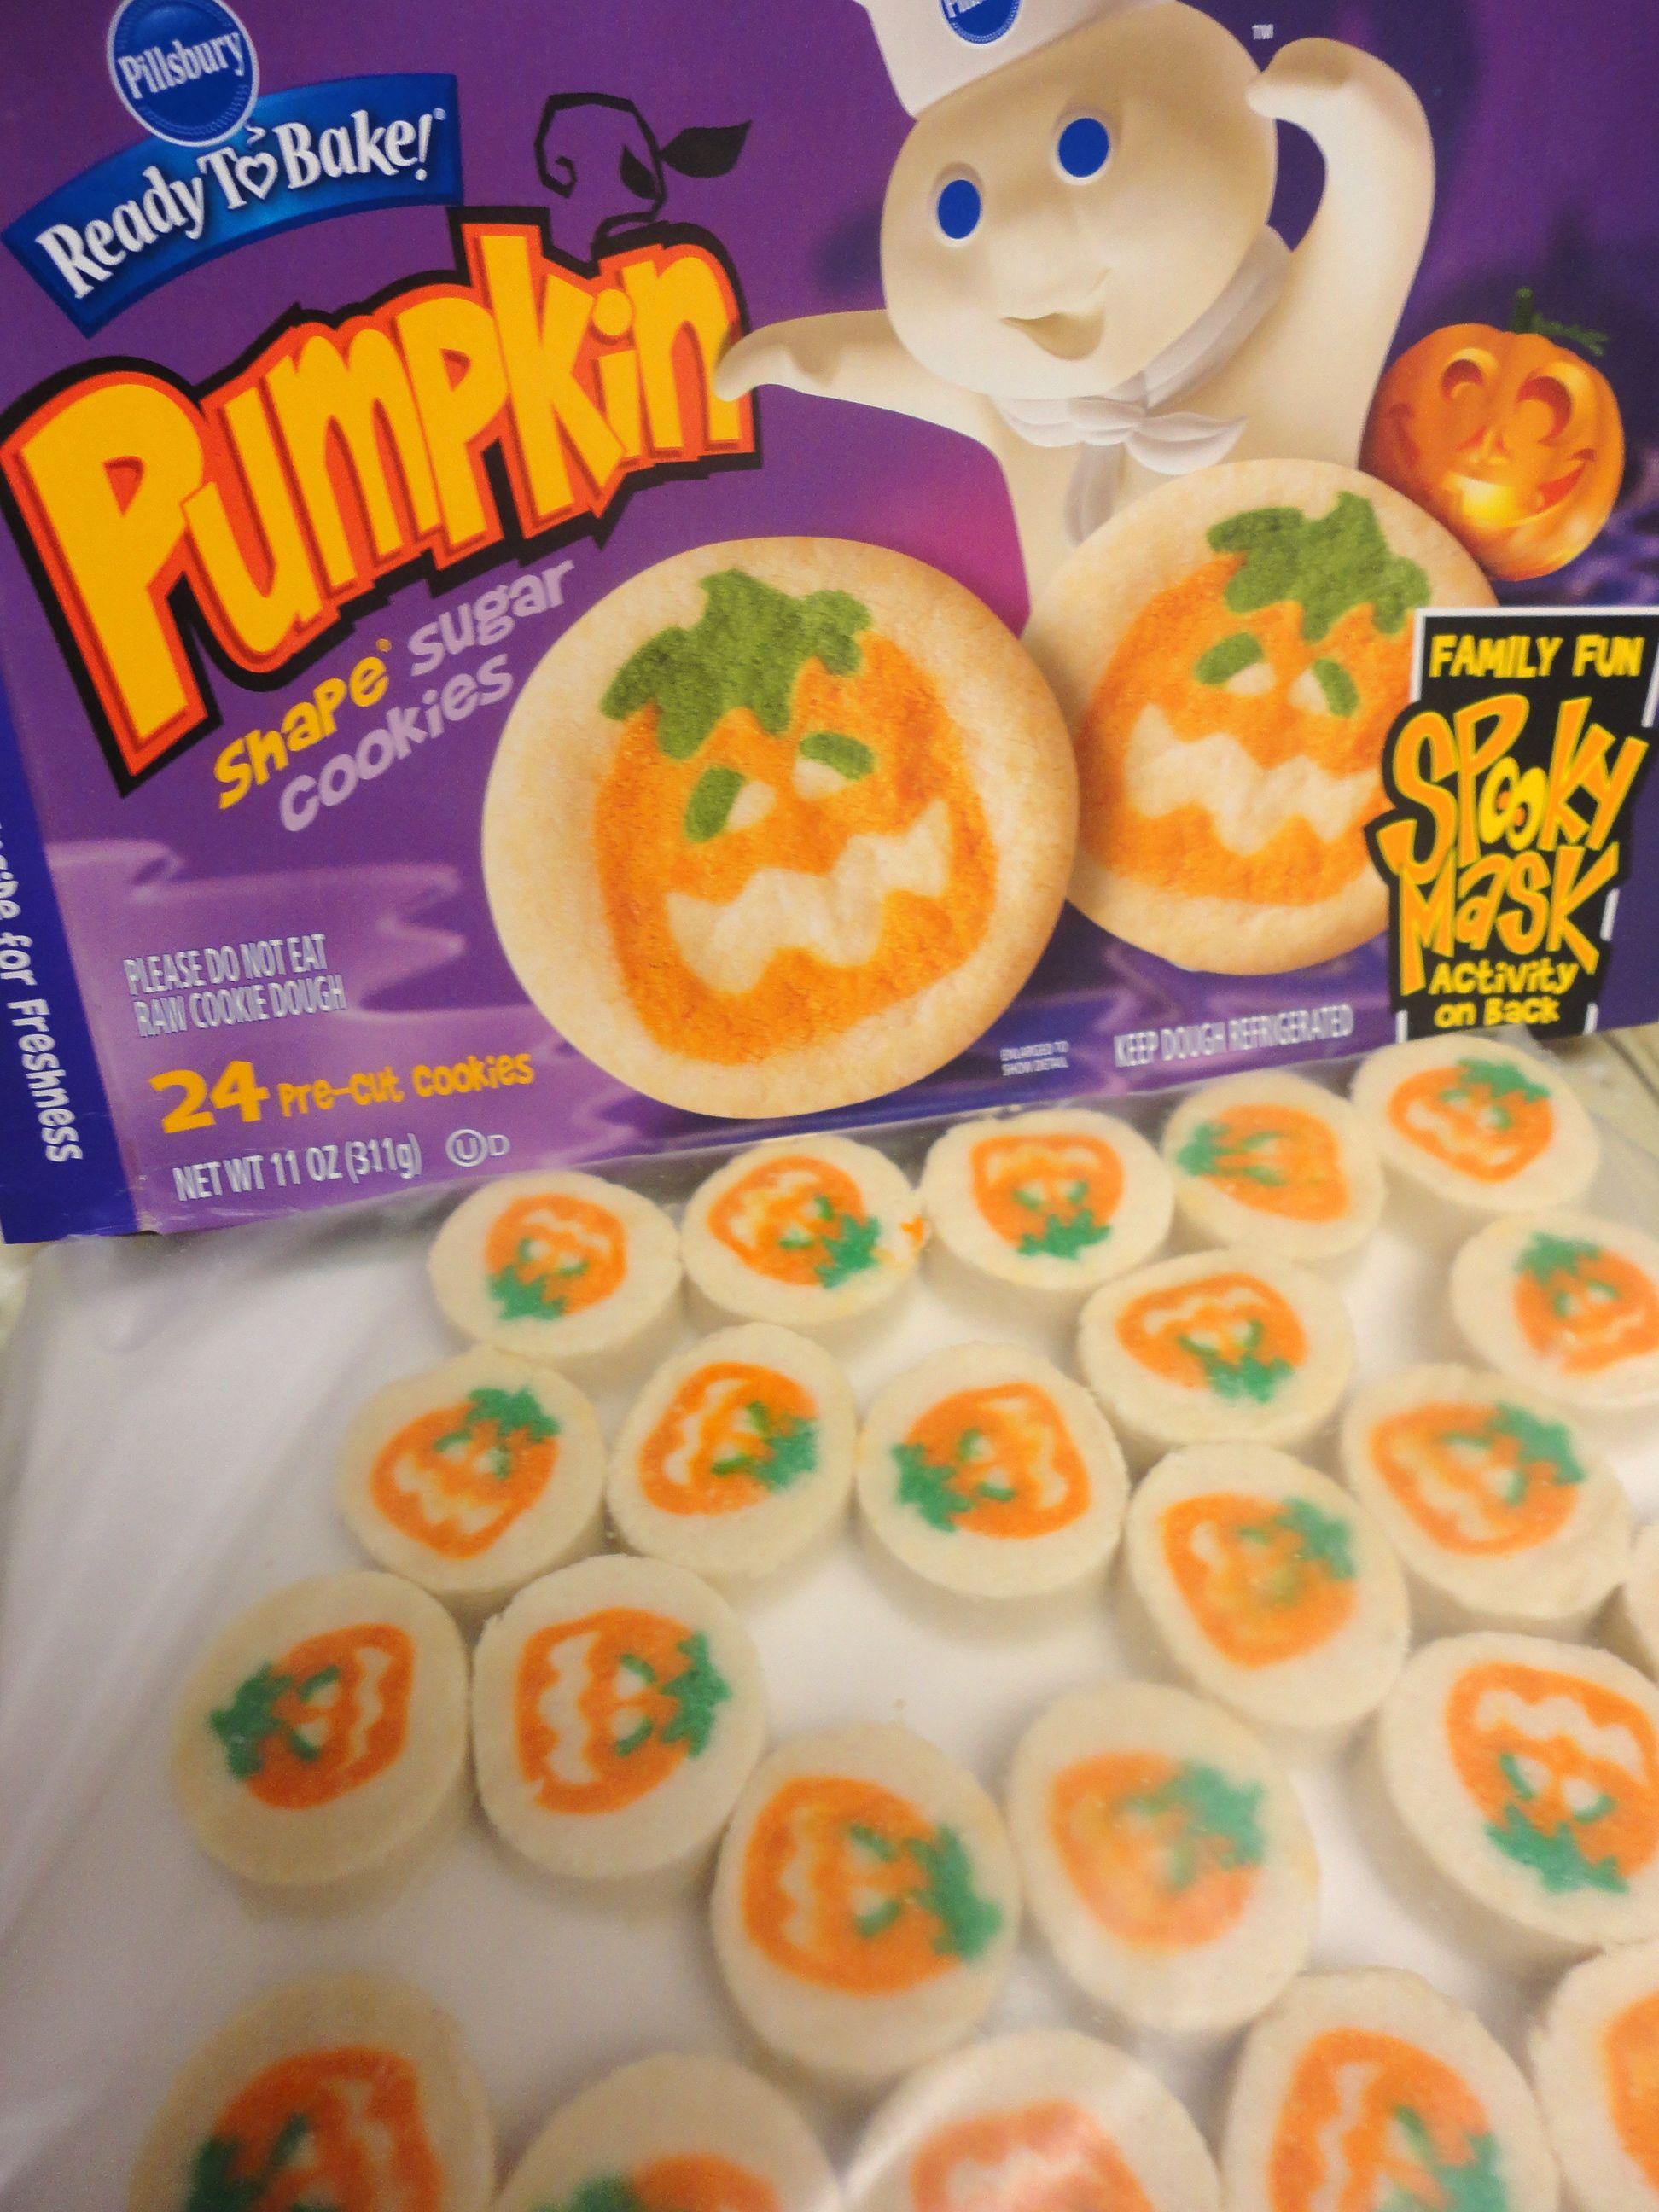 pillsbury halloween sugar cookies. heaven on earth. | food pics